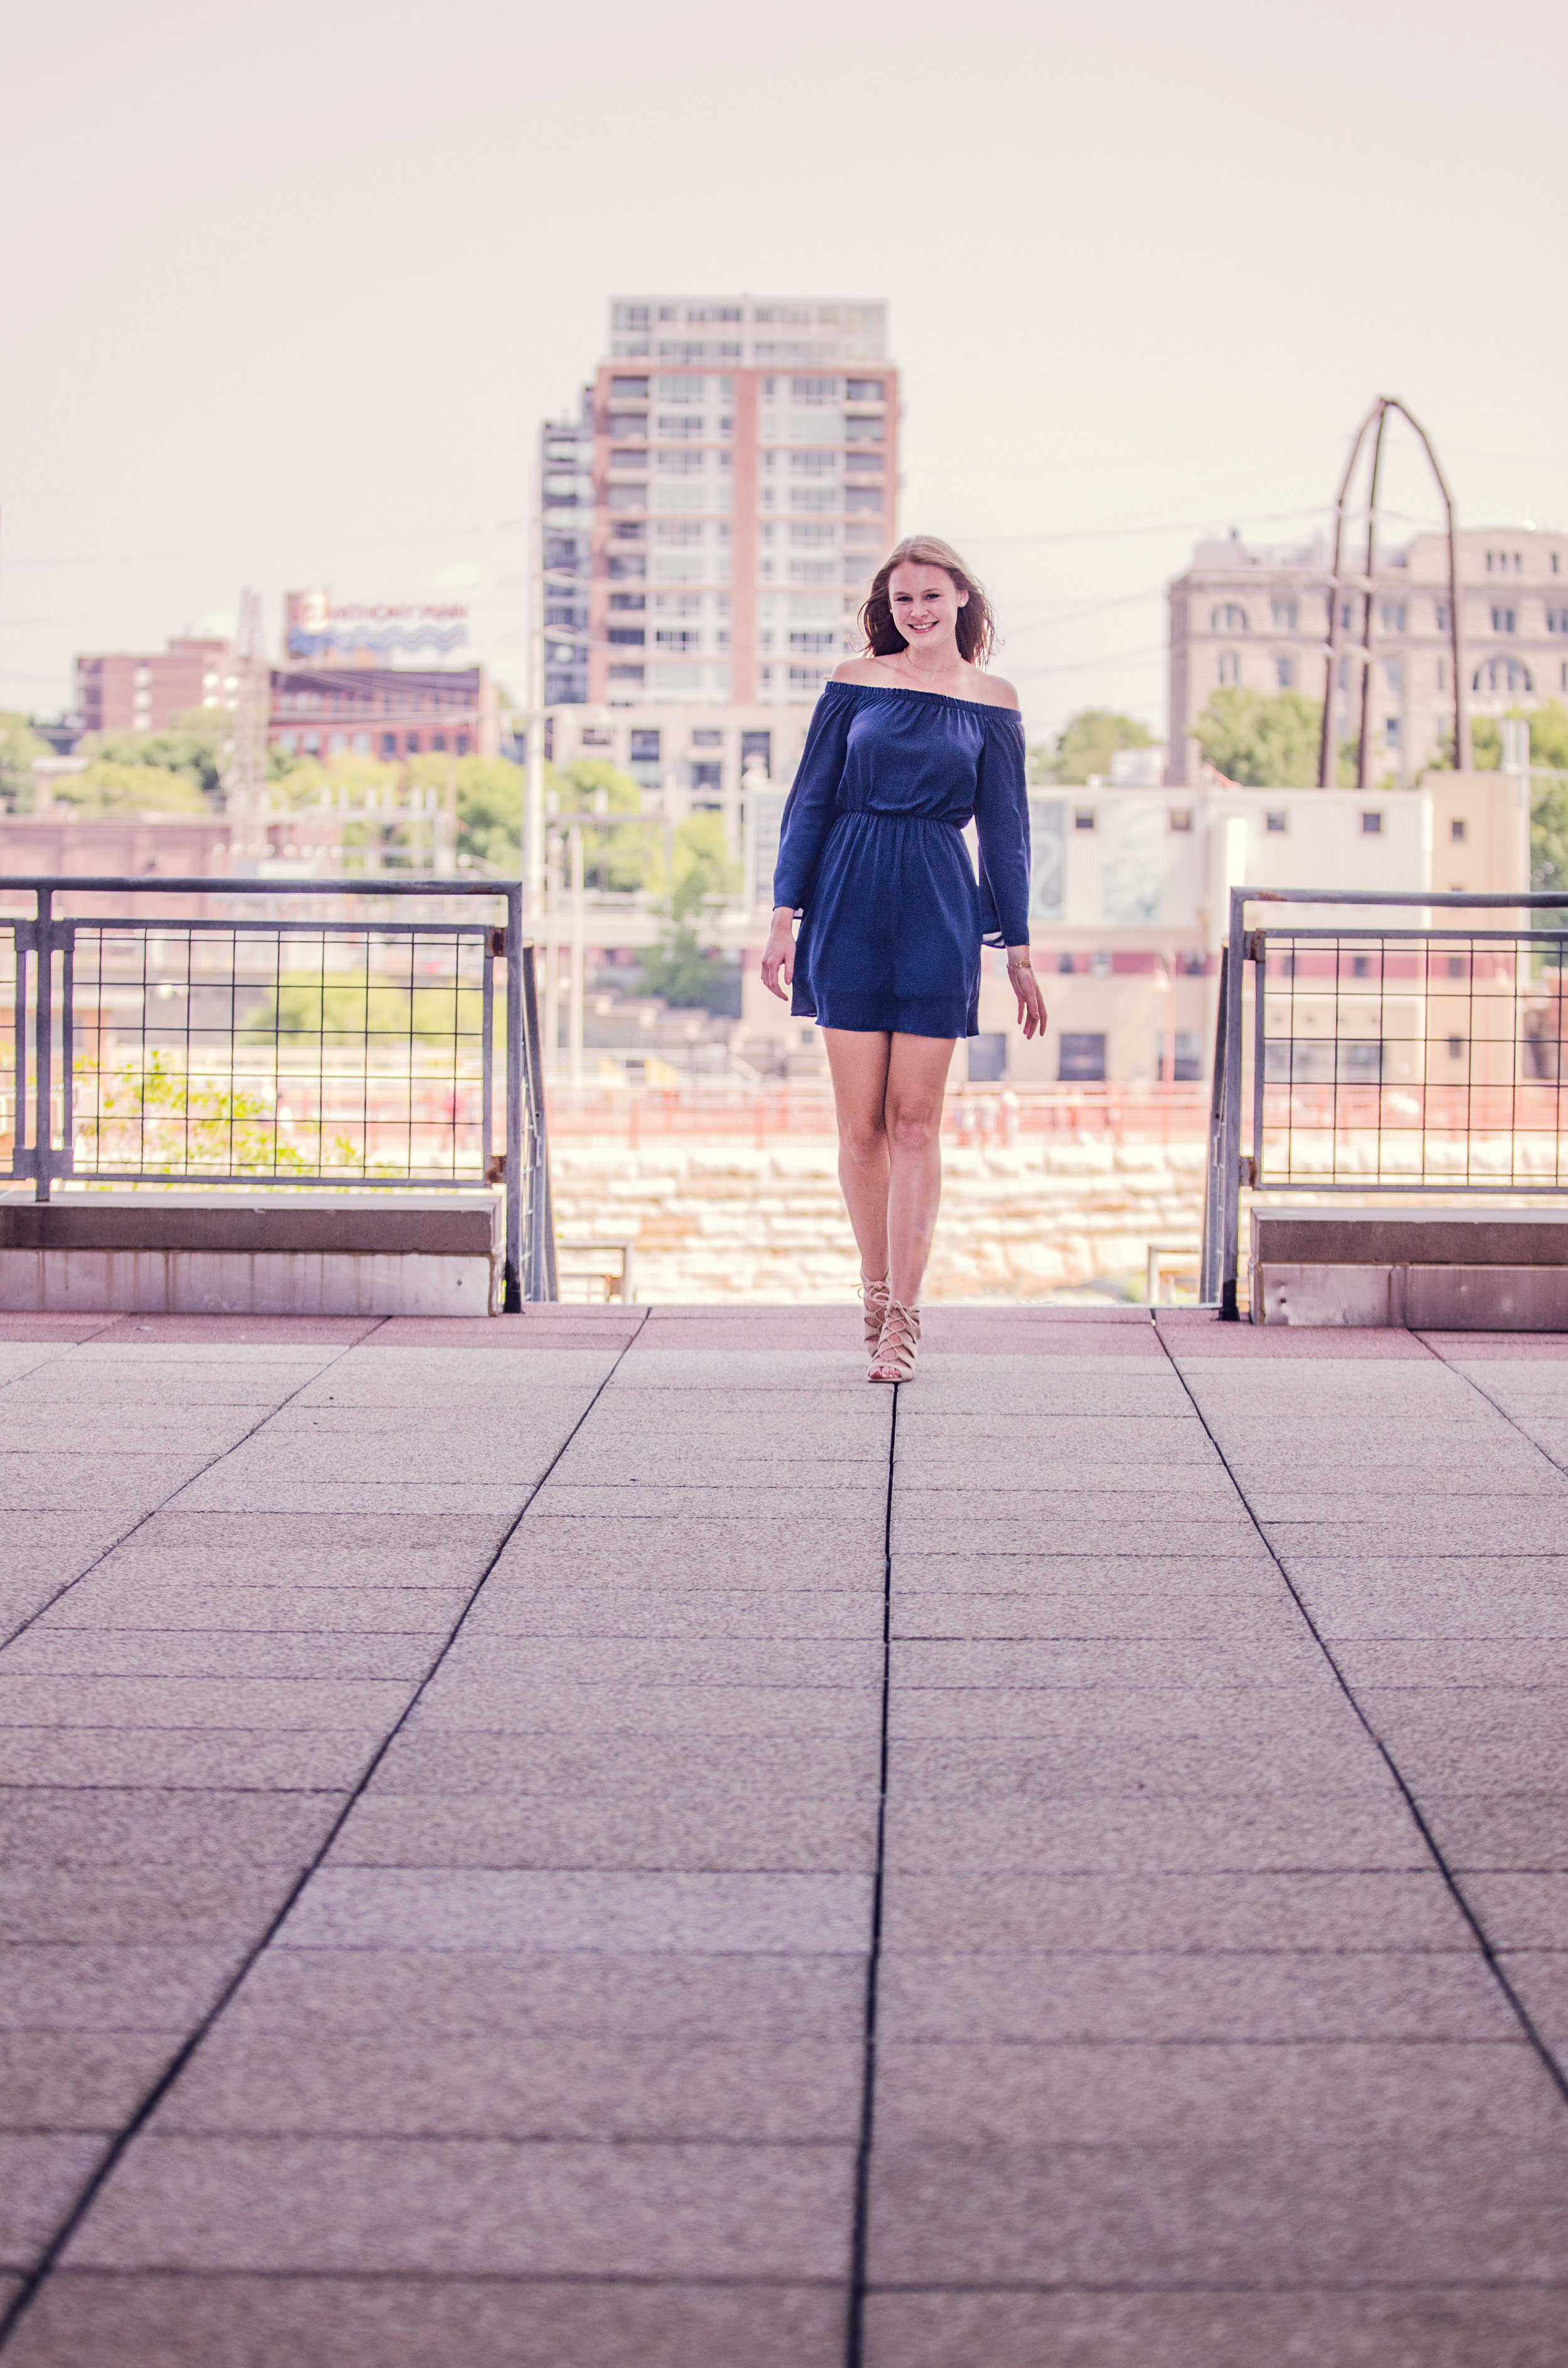 Gracie_s Photos-27.jpg